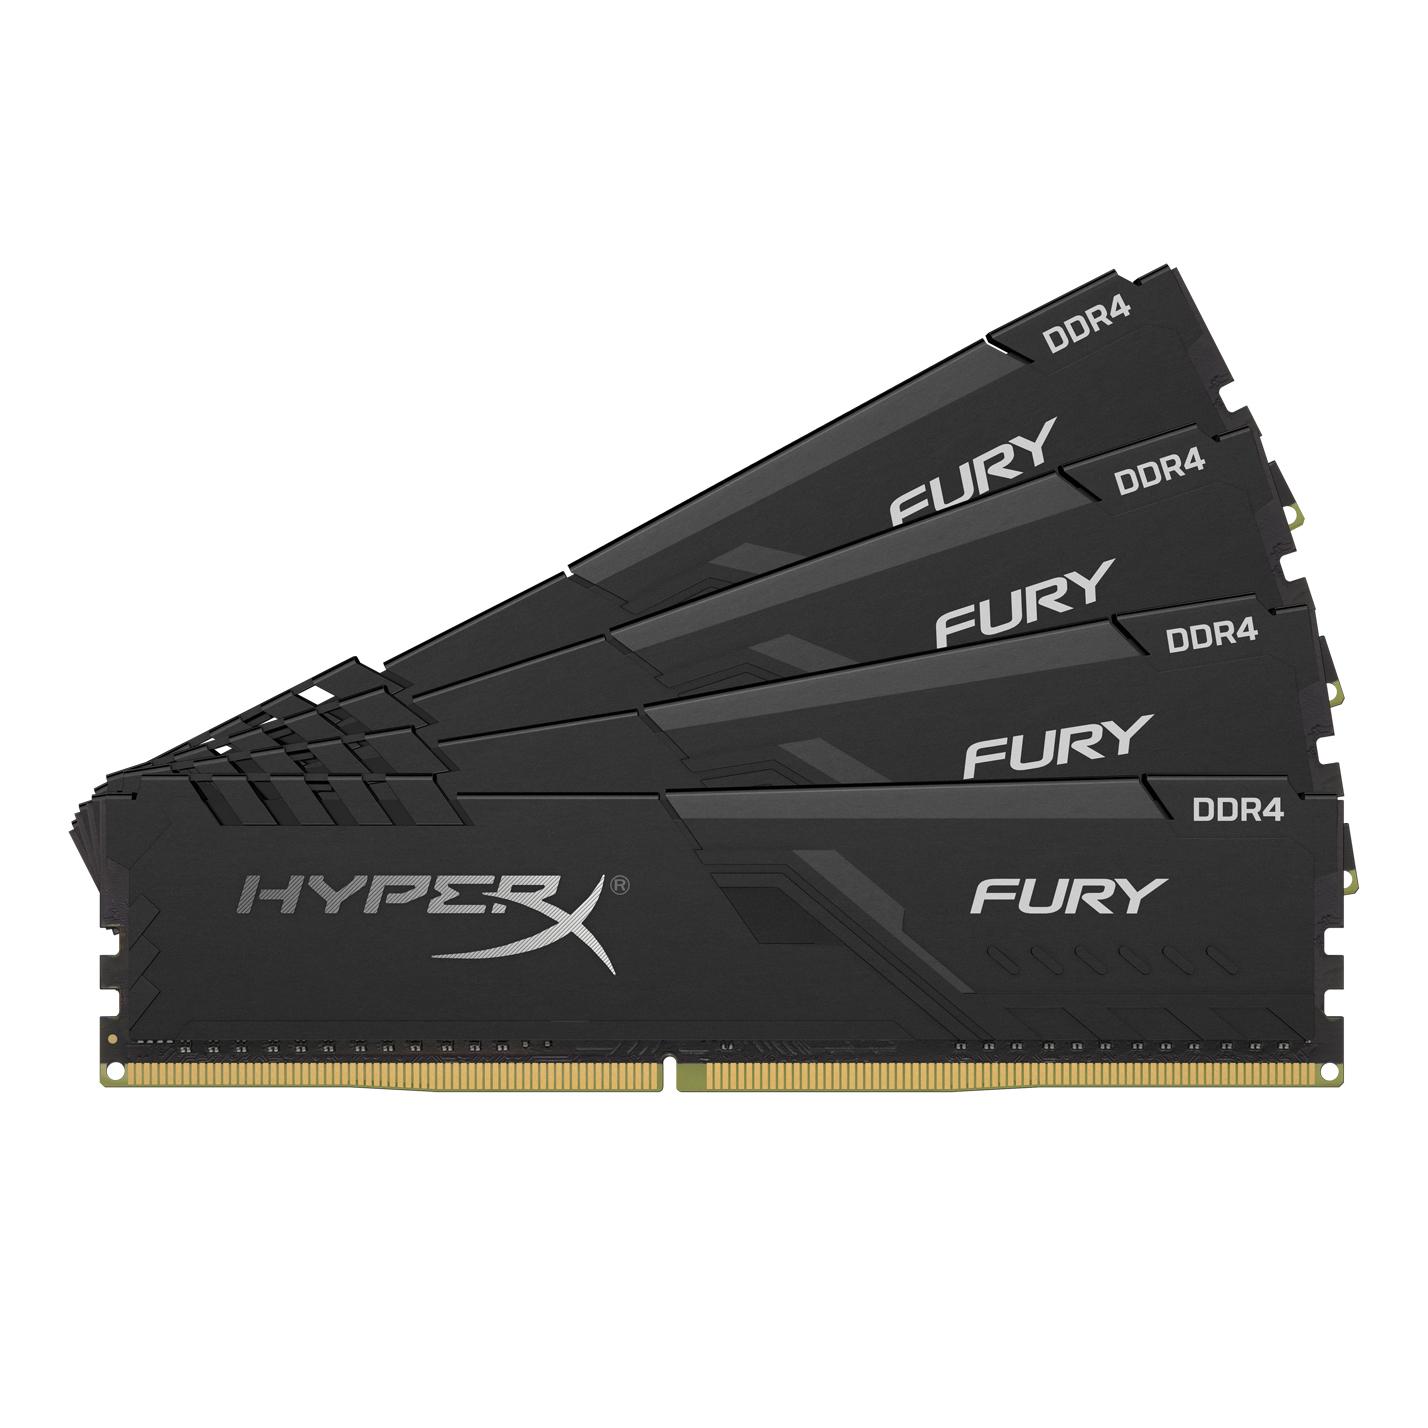 HyperX FURY HX432C16FB3K4/64 memory module 64 GB DDR4 3200 MHz